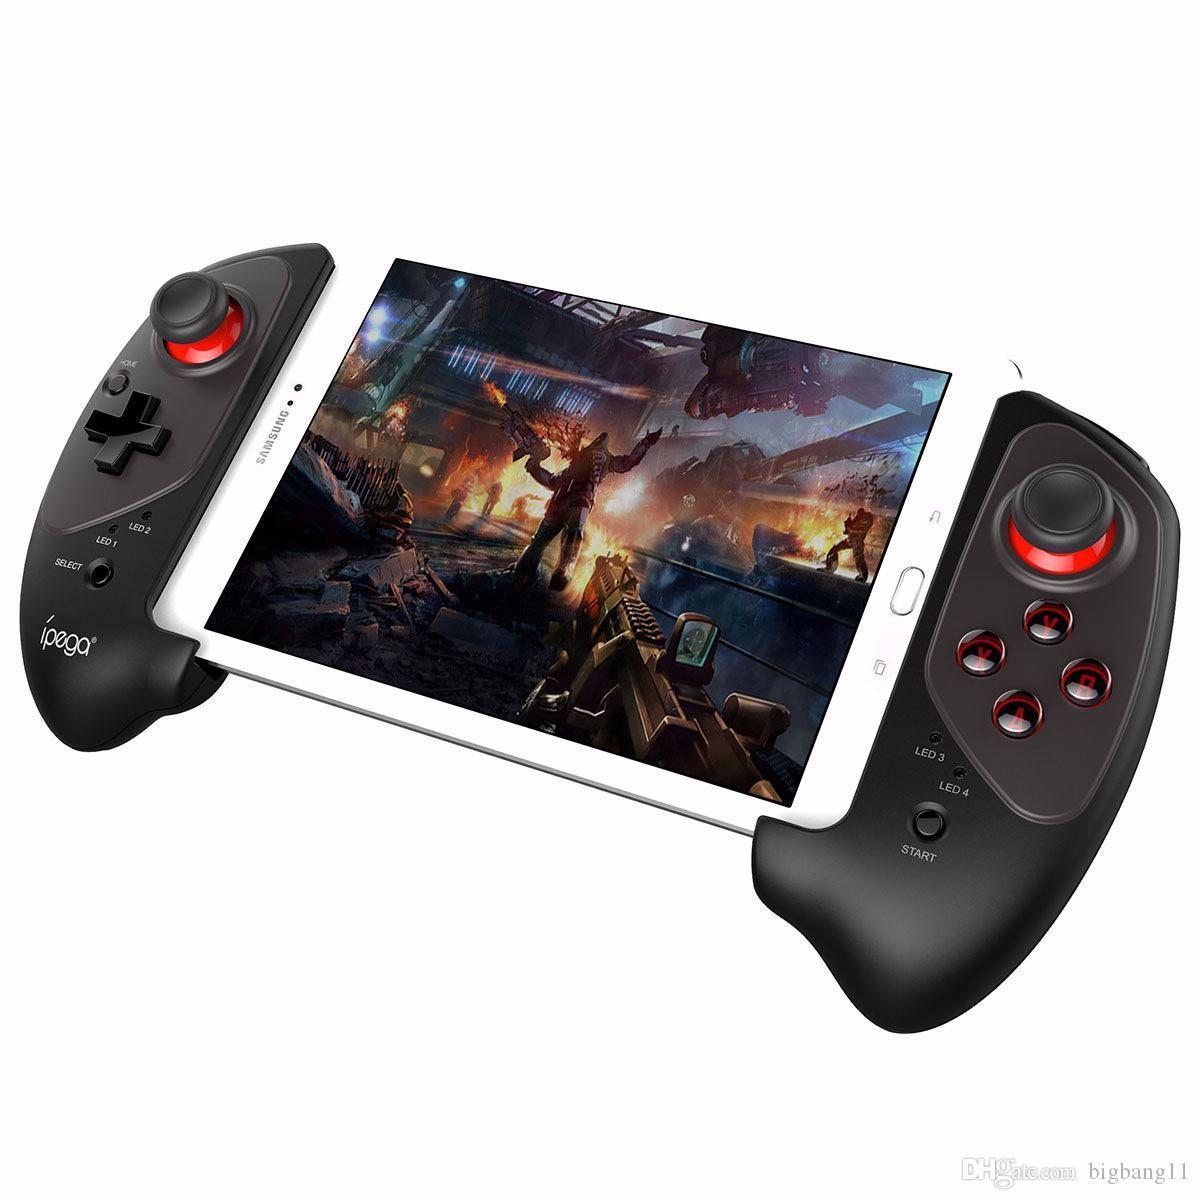 IPEGA de alta qualidade PG-9083 PG9083 Controlador de jogo sem fio retrátil Bluetooth Gamepad para iOS Android telefone inteligente, tablet PC, TV box tv